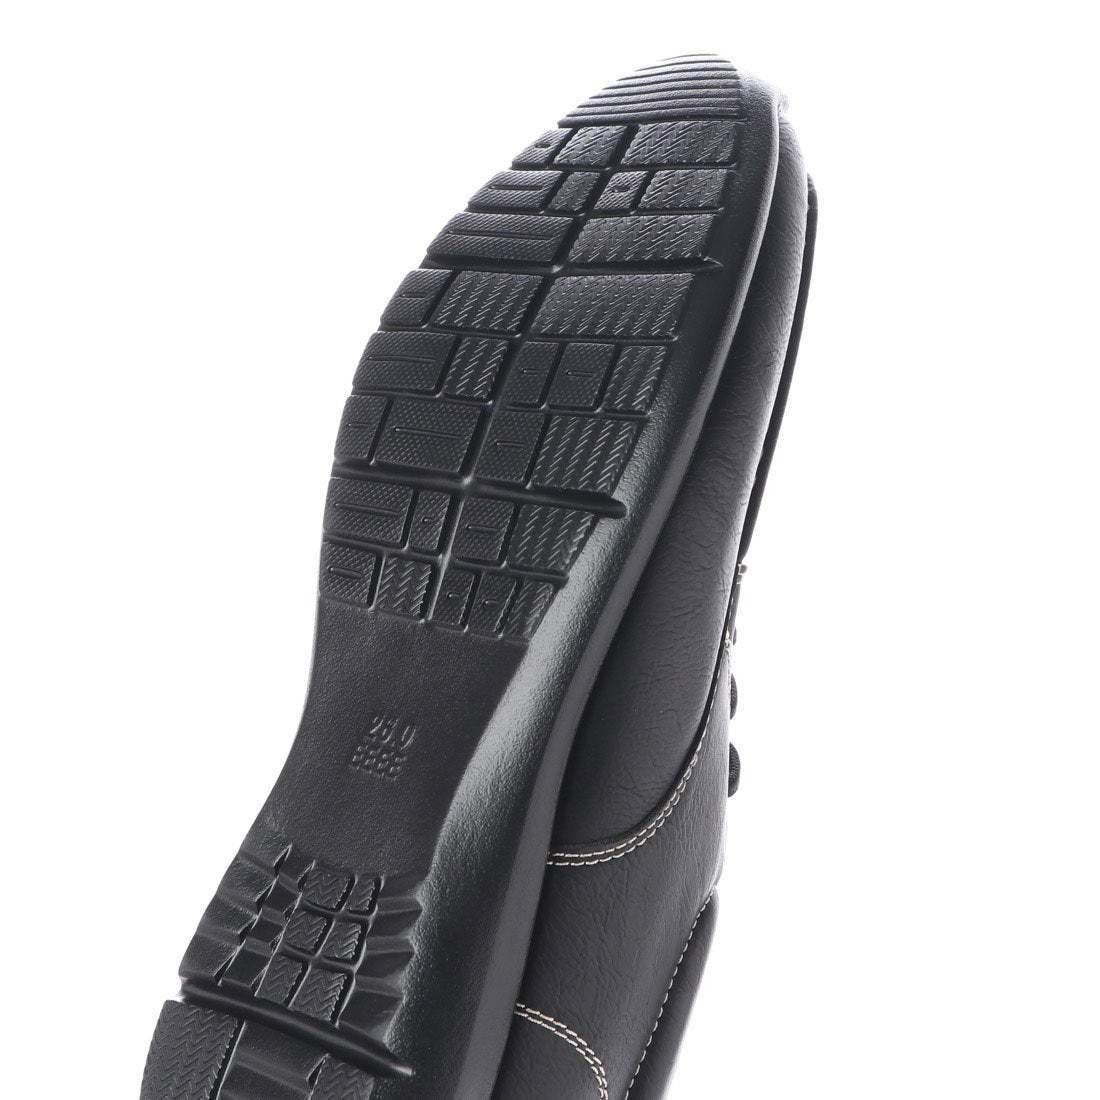 【安い】【超軽量】【防水】【幅広】GRAVITY FREE メンズ ウォーキング ビジネスシューズ 紳士靴 革靴 601 Uチップ ブラック 黒 27.0cm